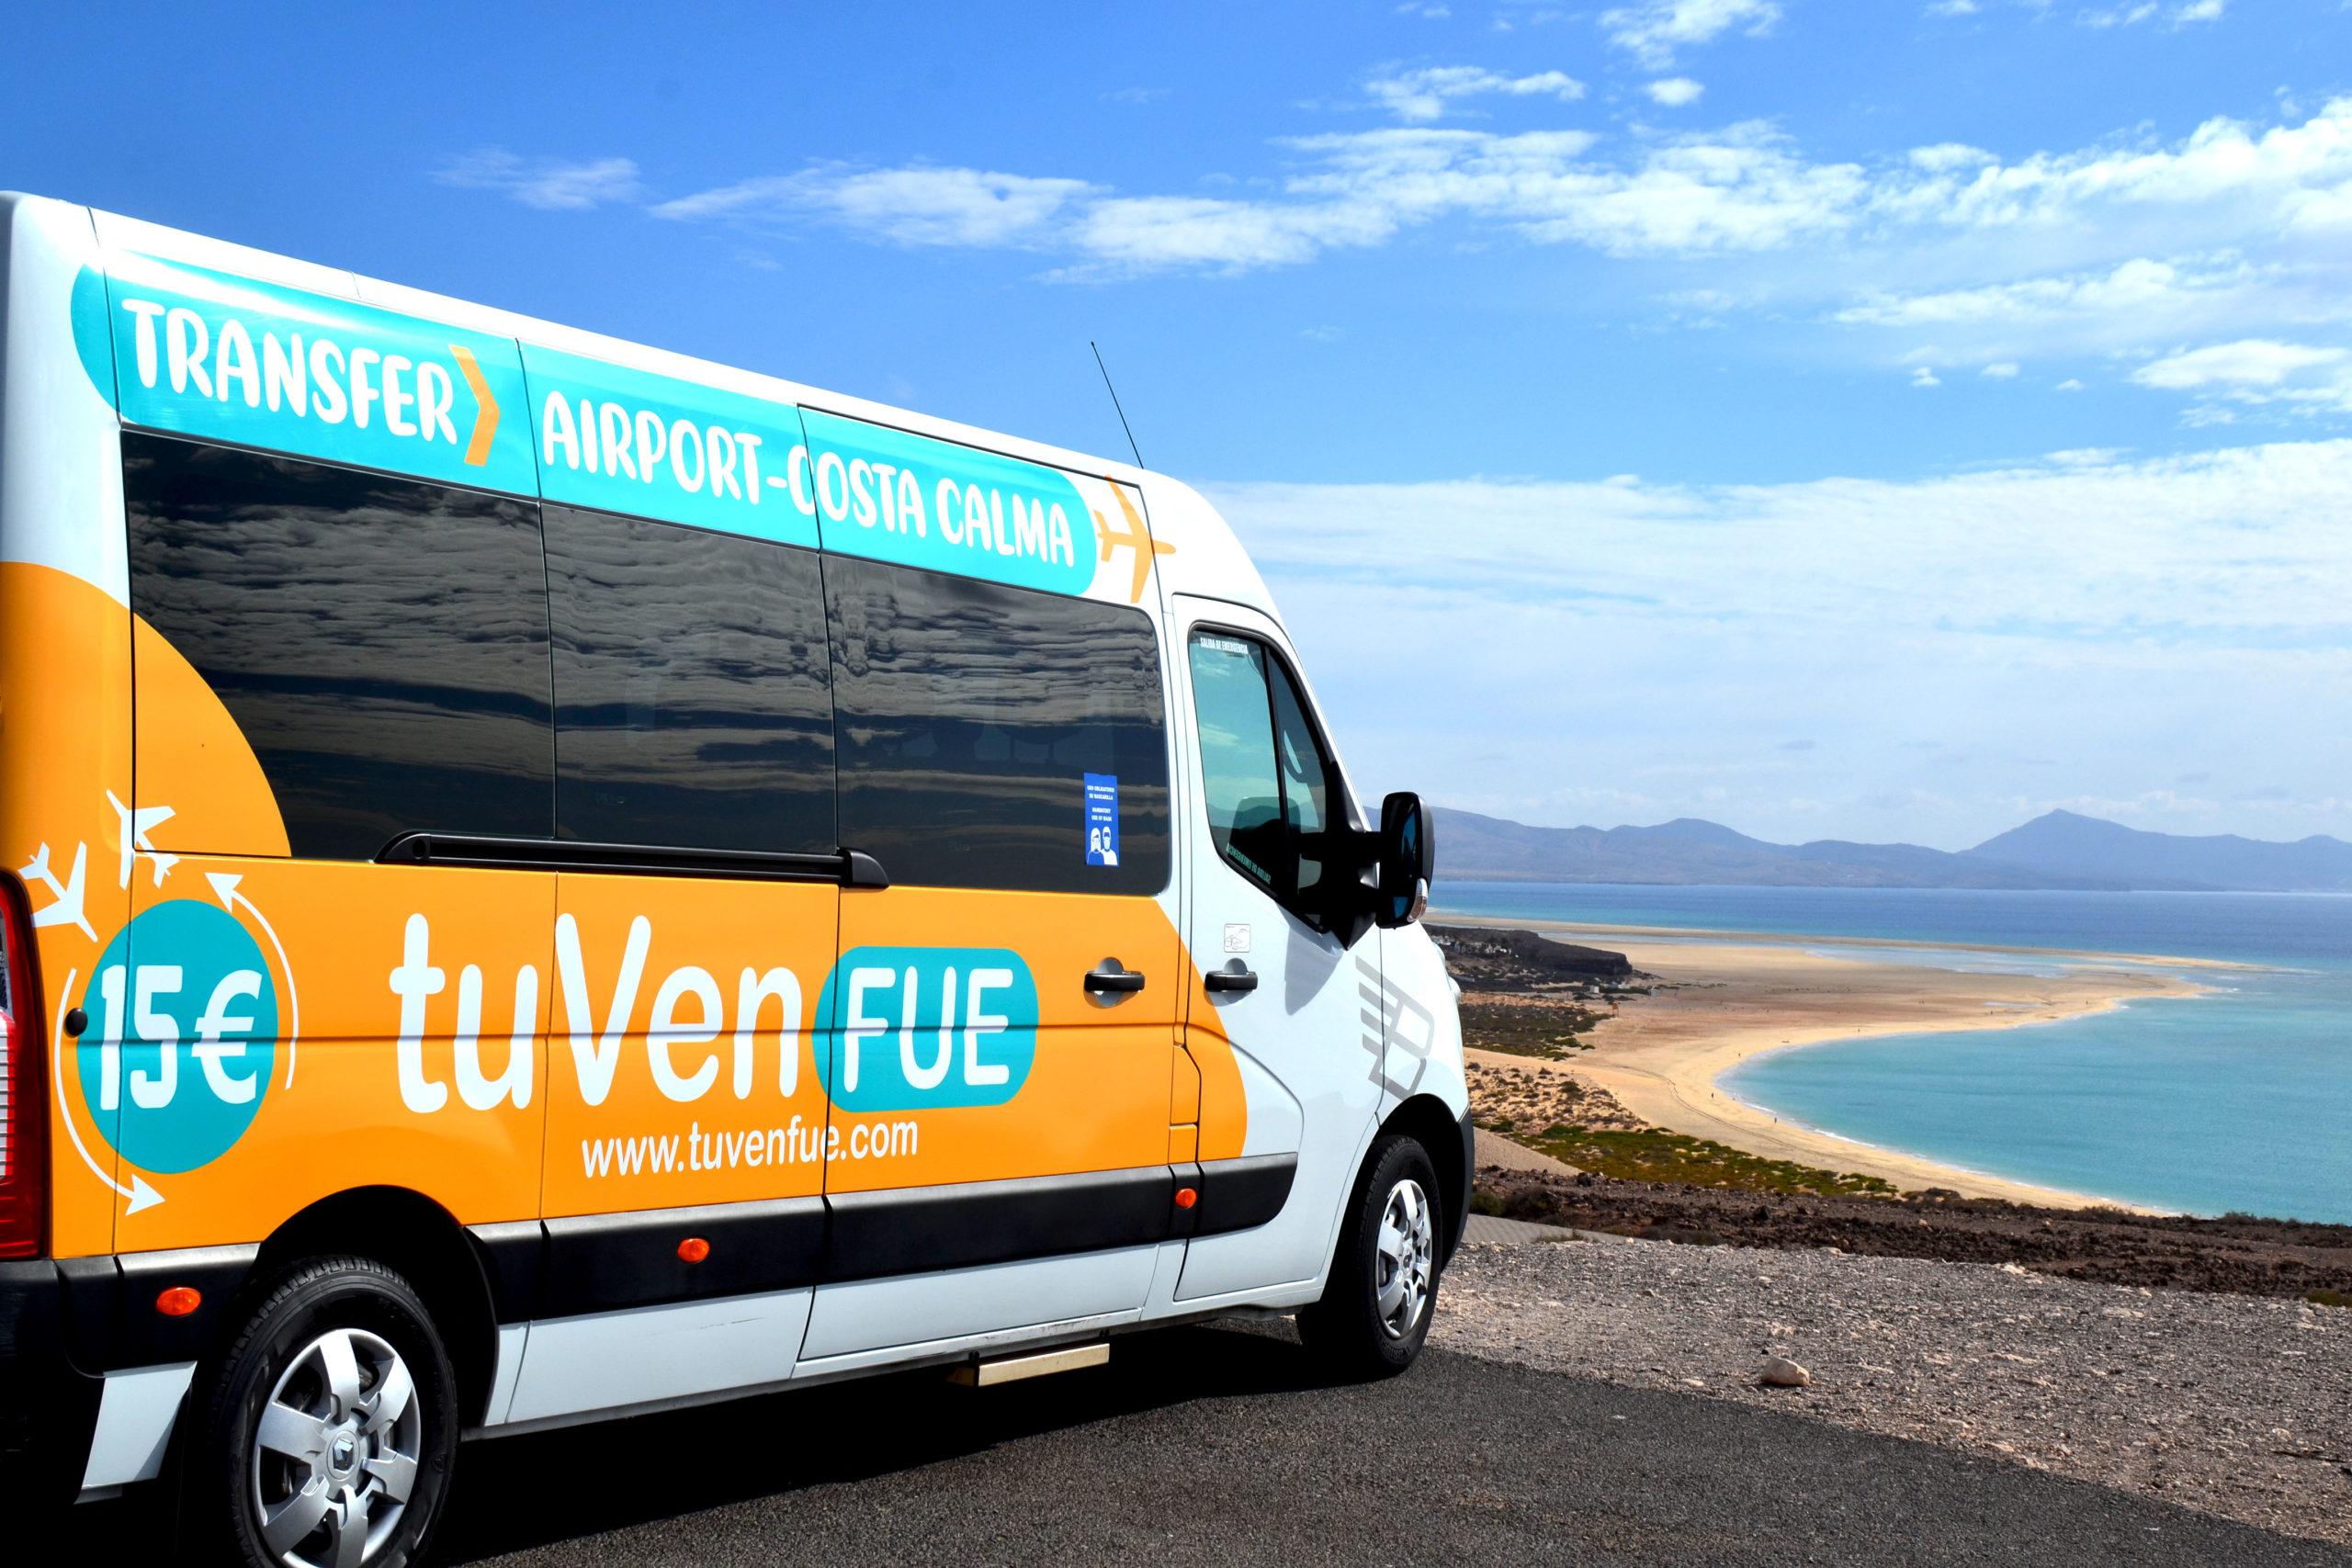 tuvenfue-vehiculo-electrico-servicio-discrecional-aeropuerto-fuerteventura